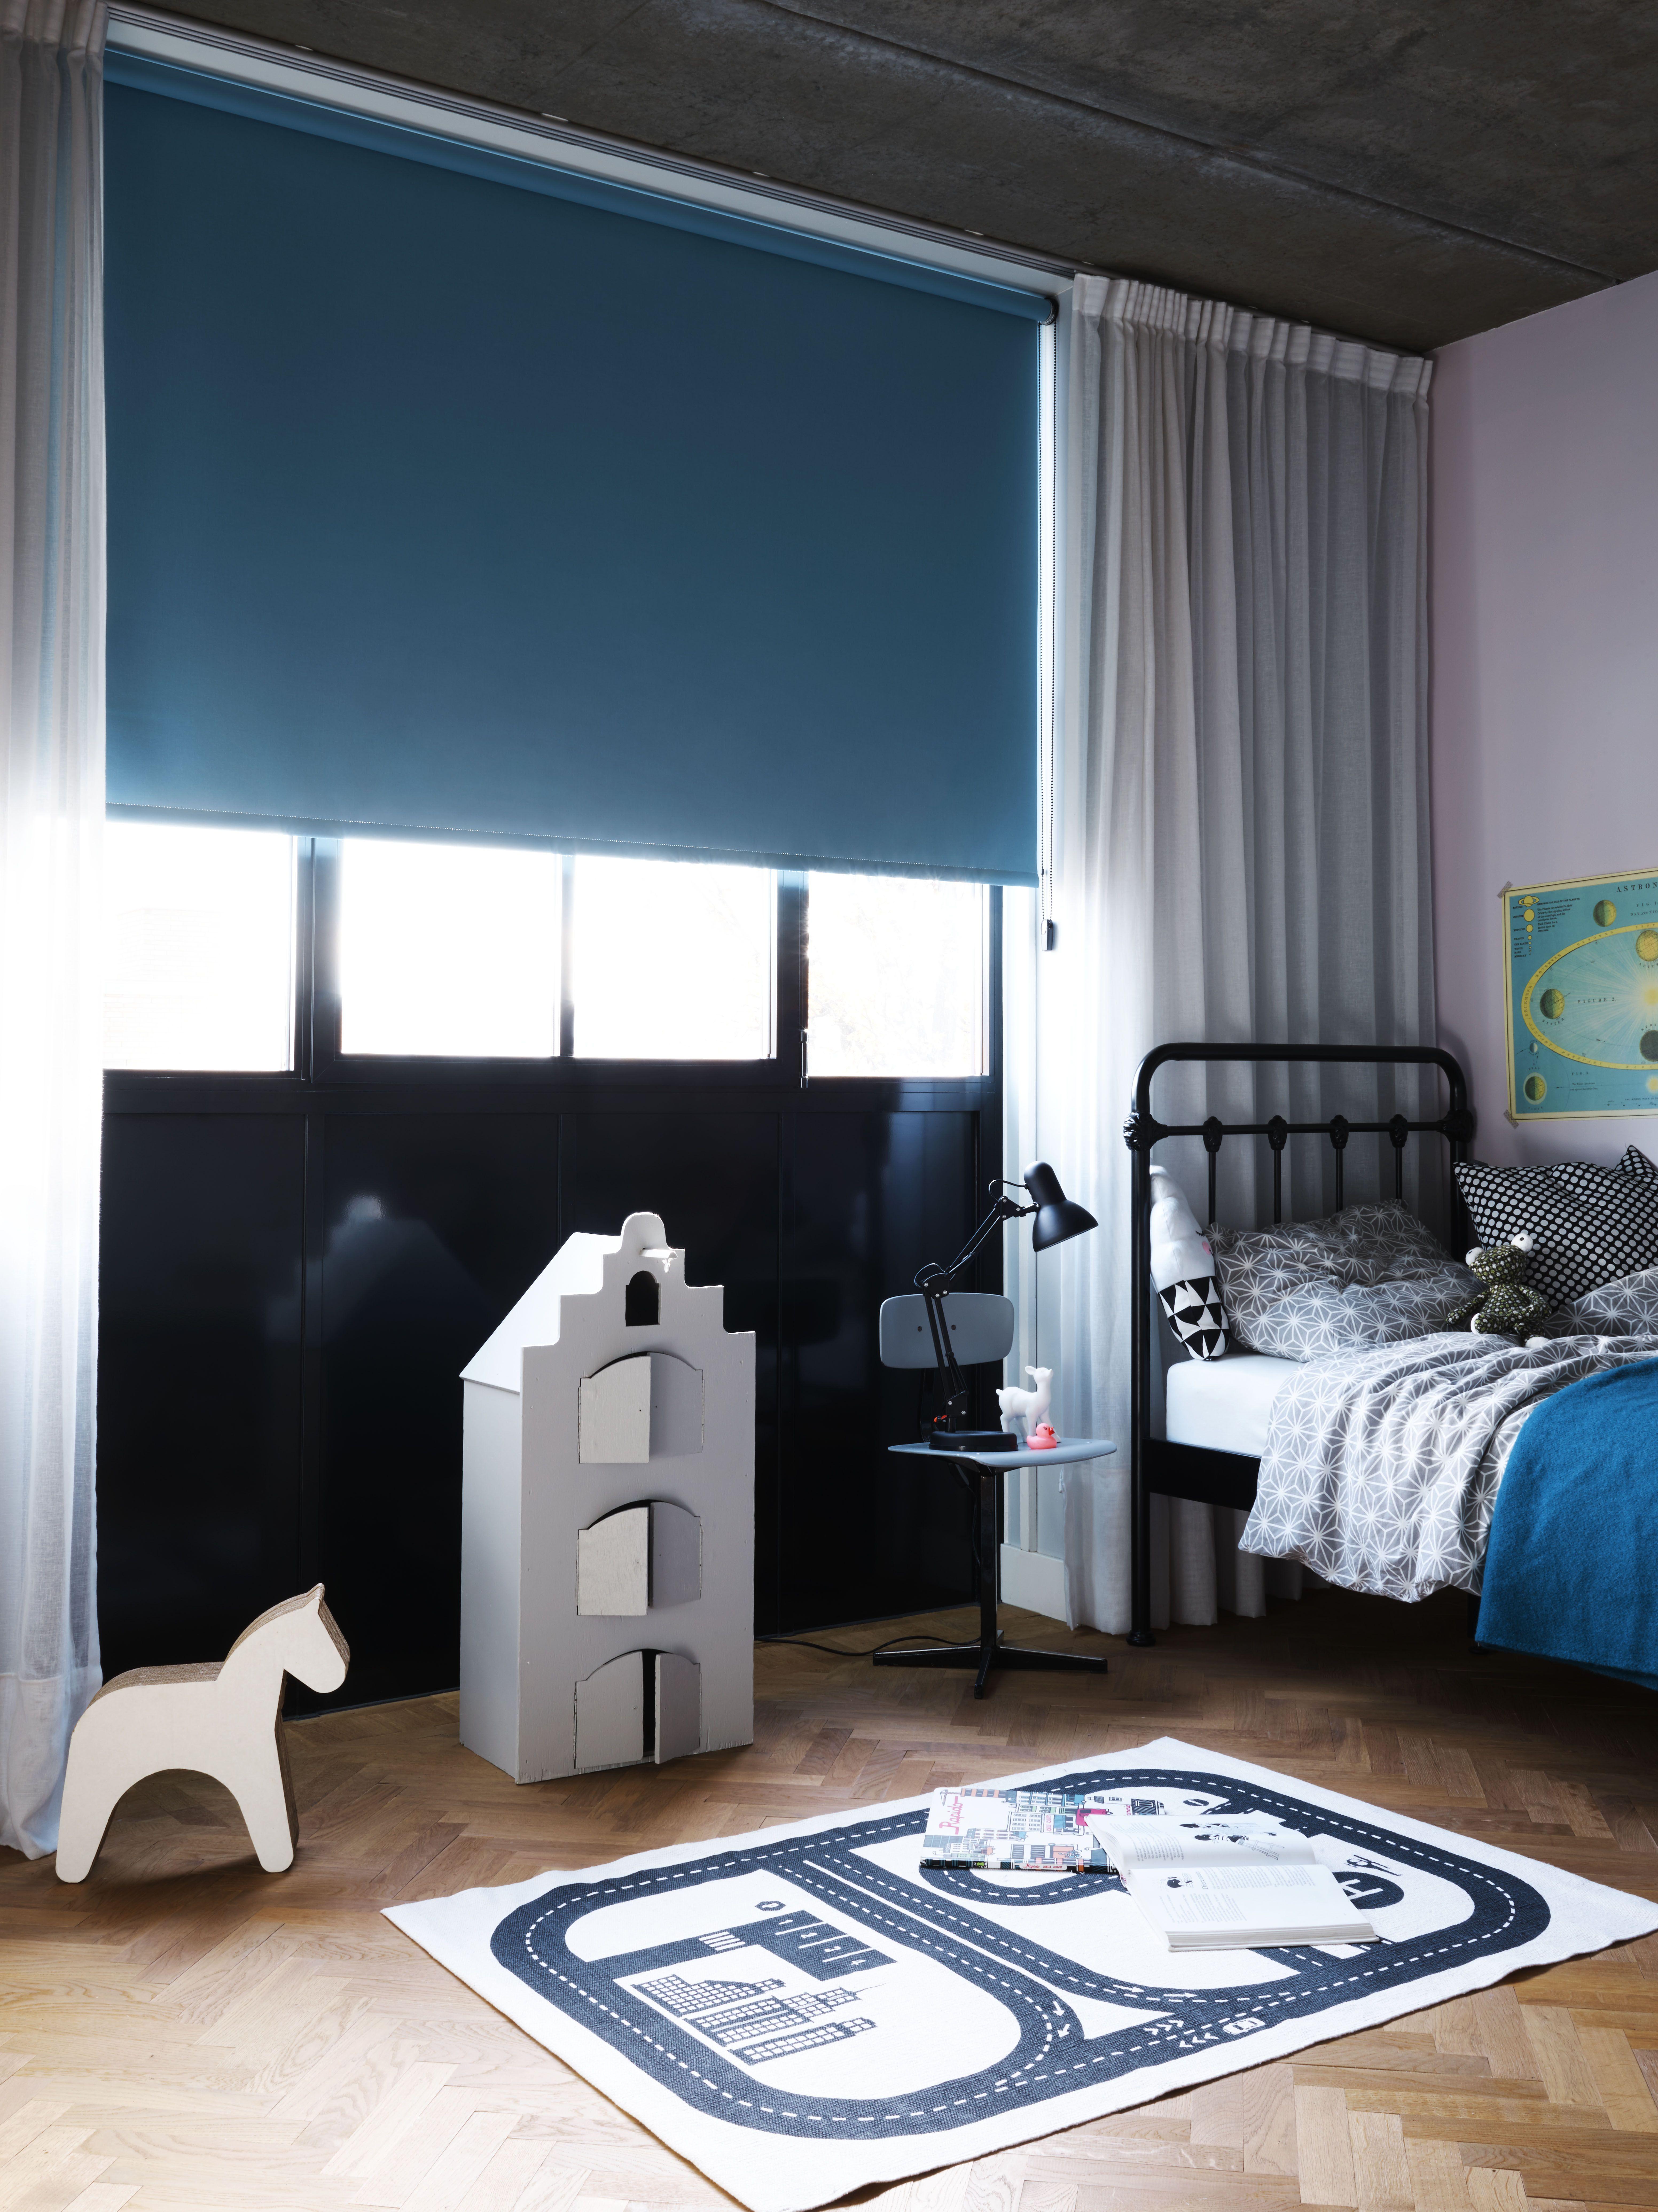 Stoer blauw rolgordijn voor op de slaapkamer www.bece.nl - Feeling ...